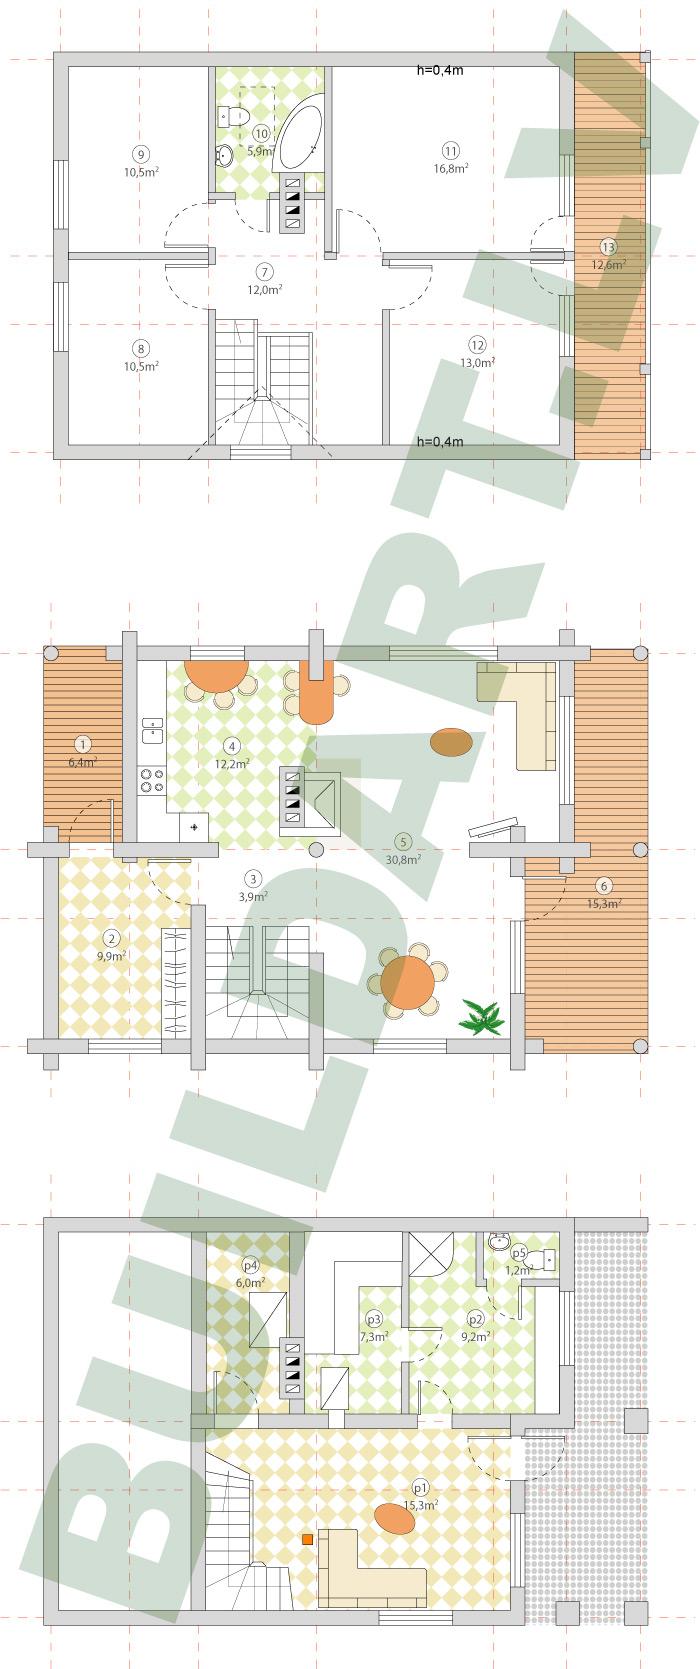 Guļbūves māja ar pirti, projekta stāvu plāni